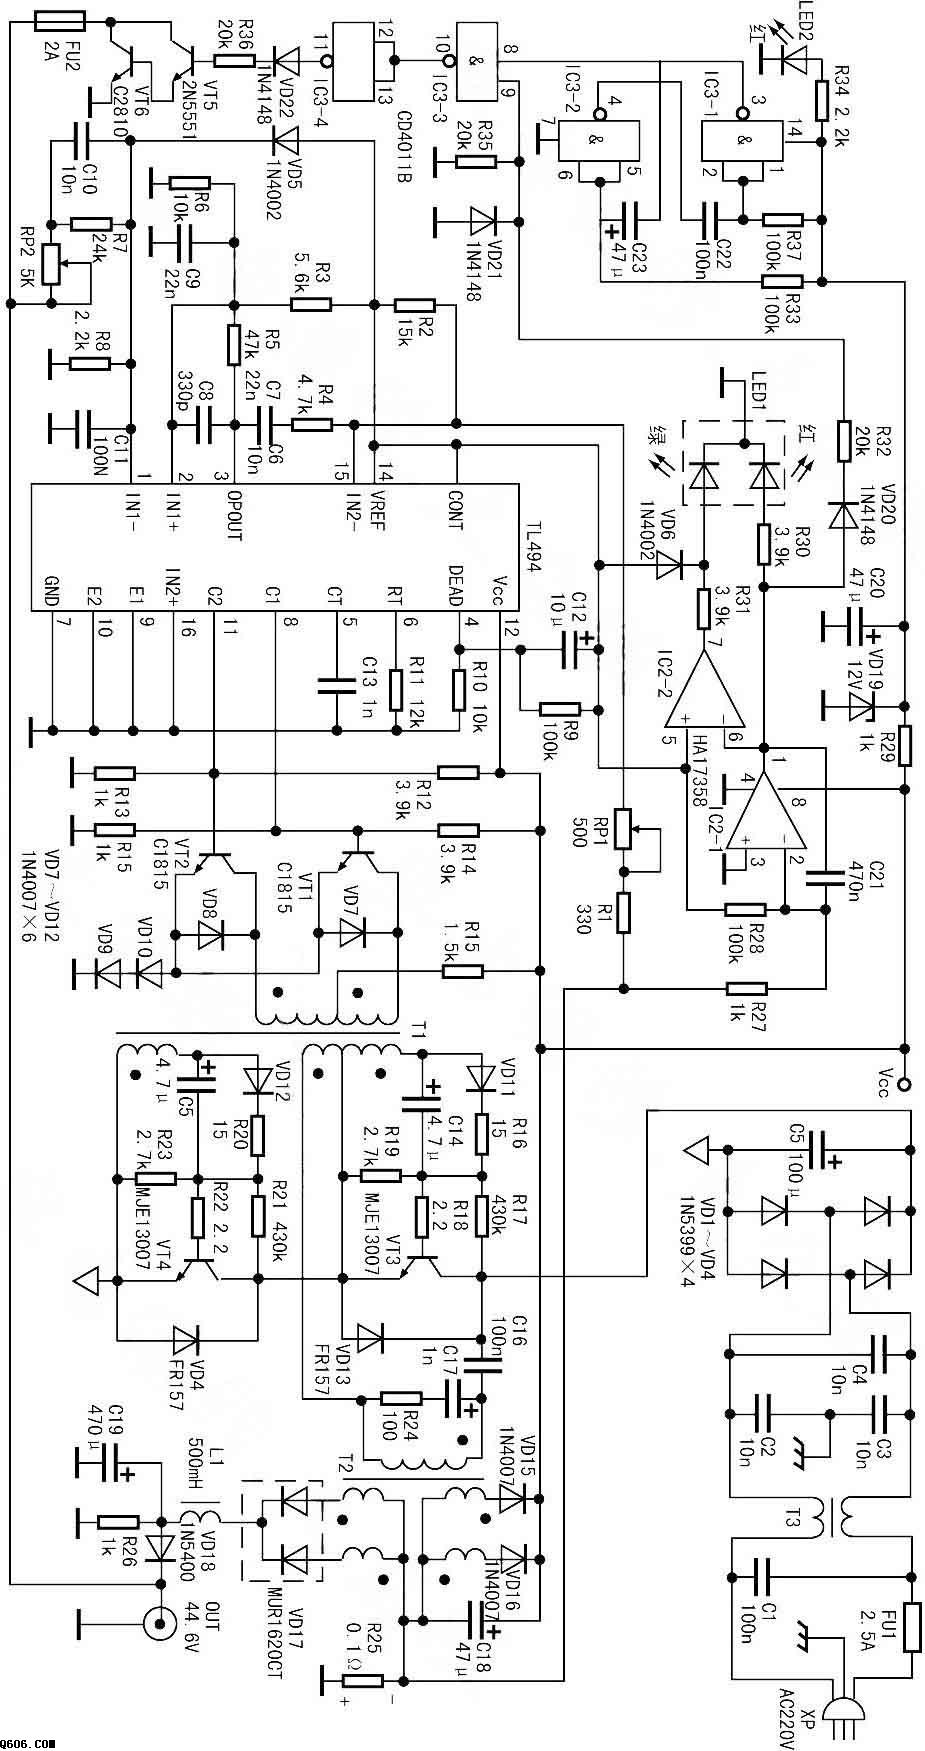 tl494制作的一款电动车充电器电路图图片